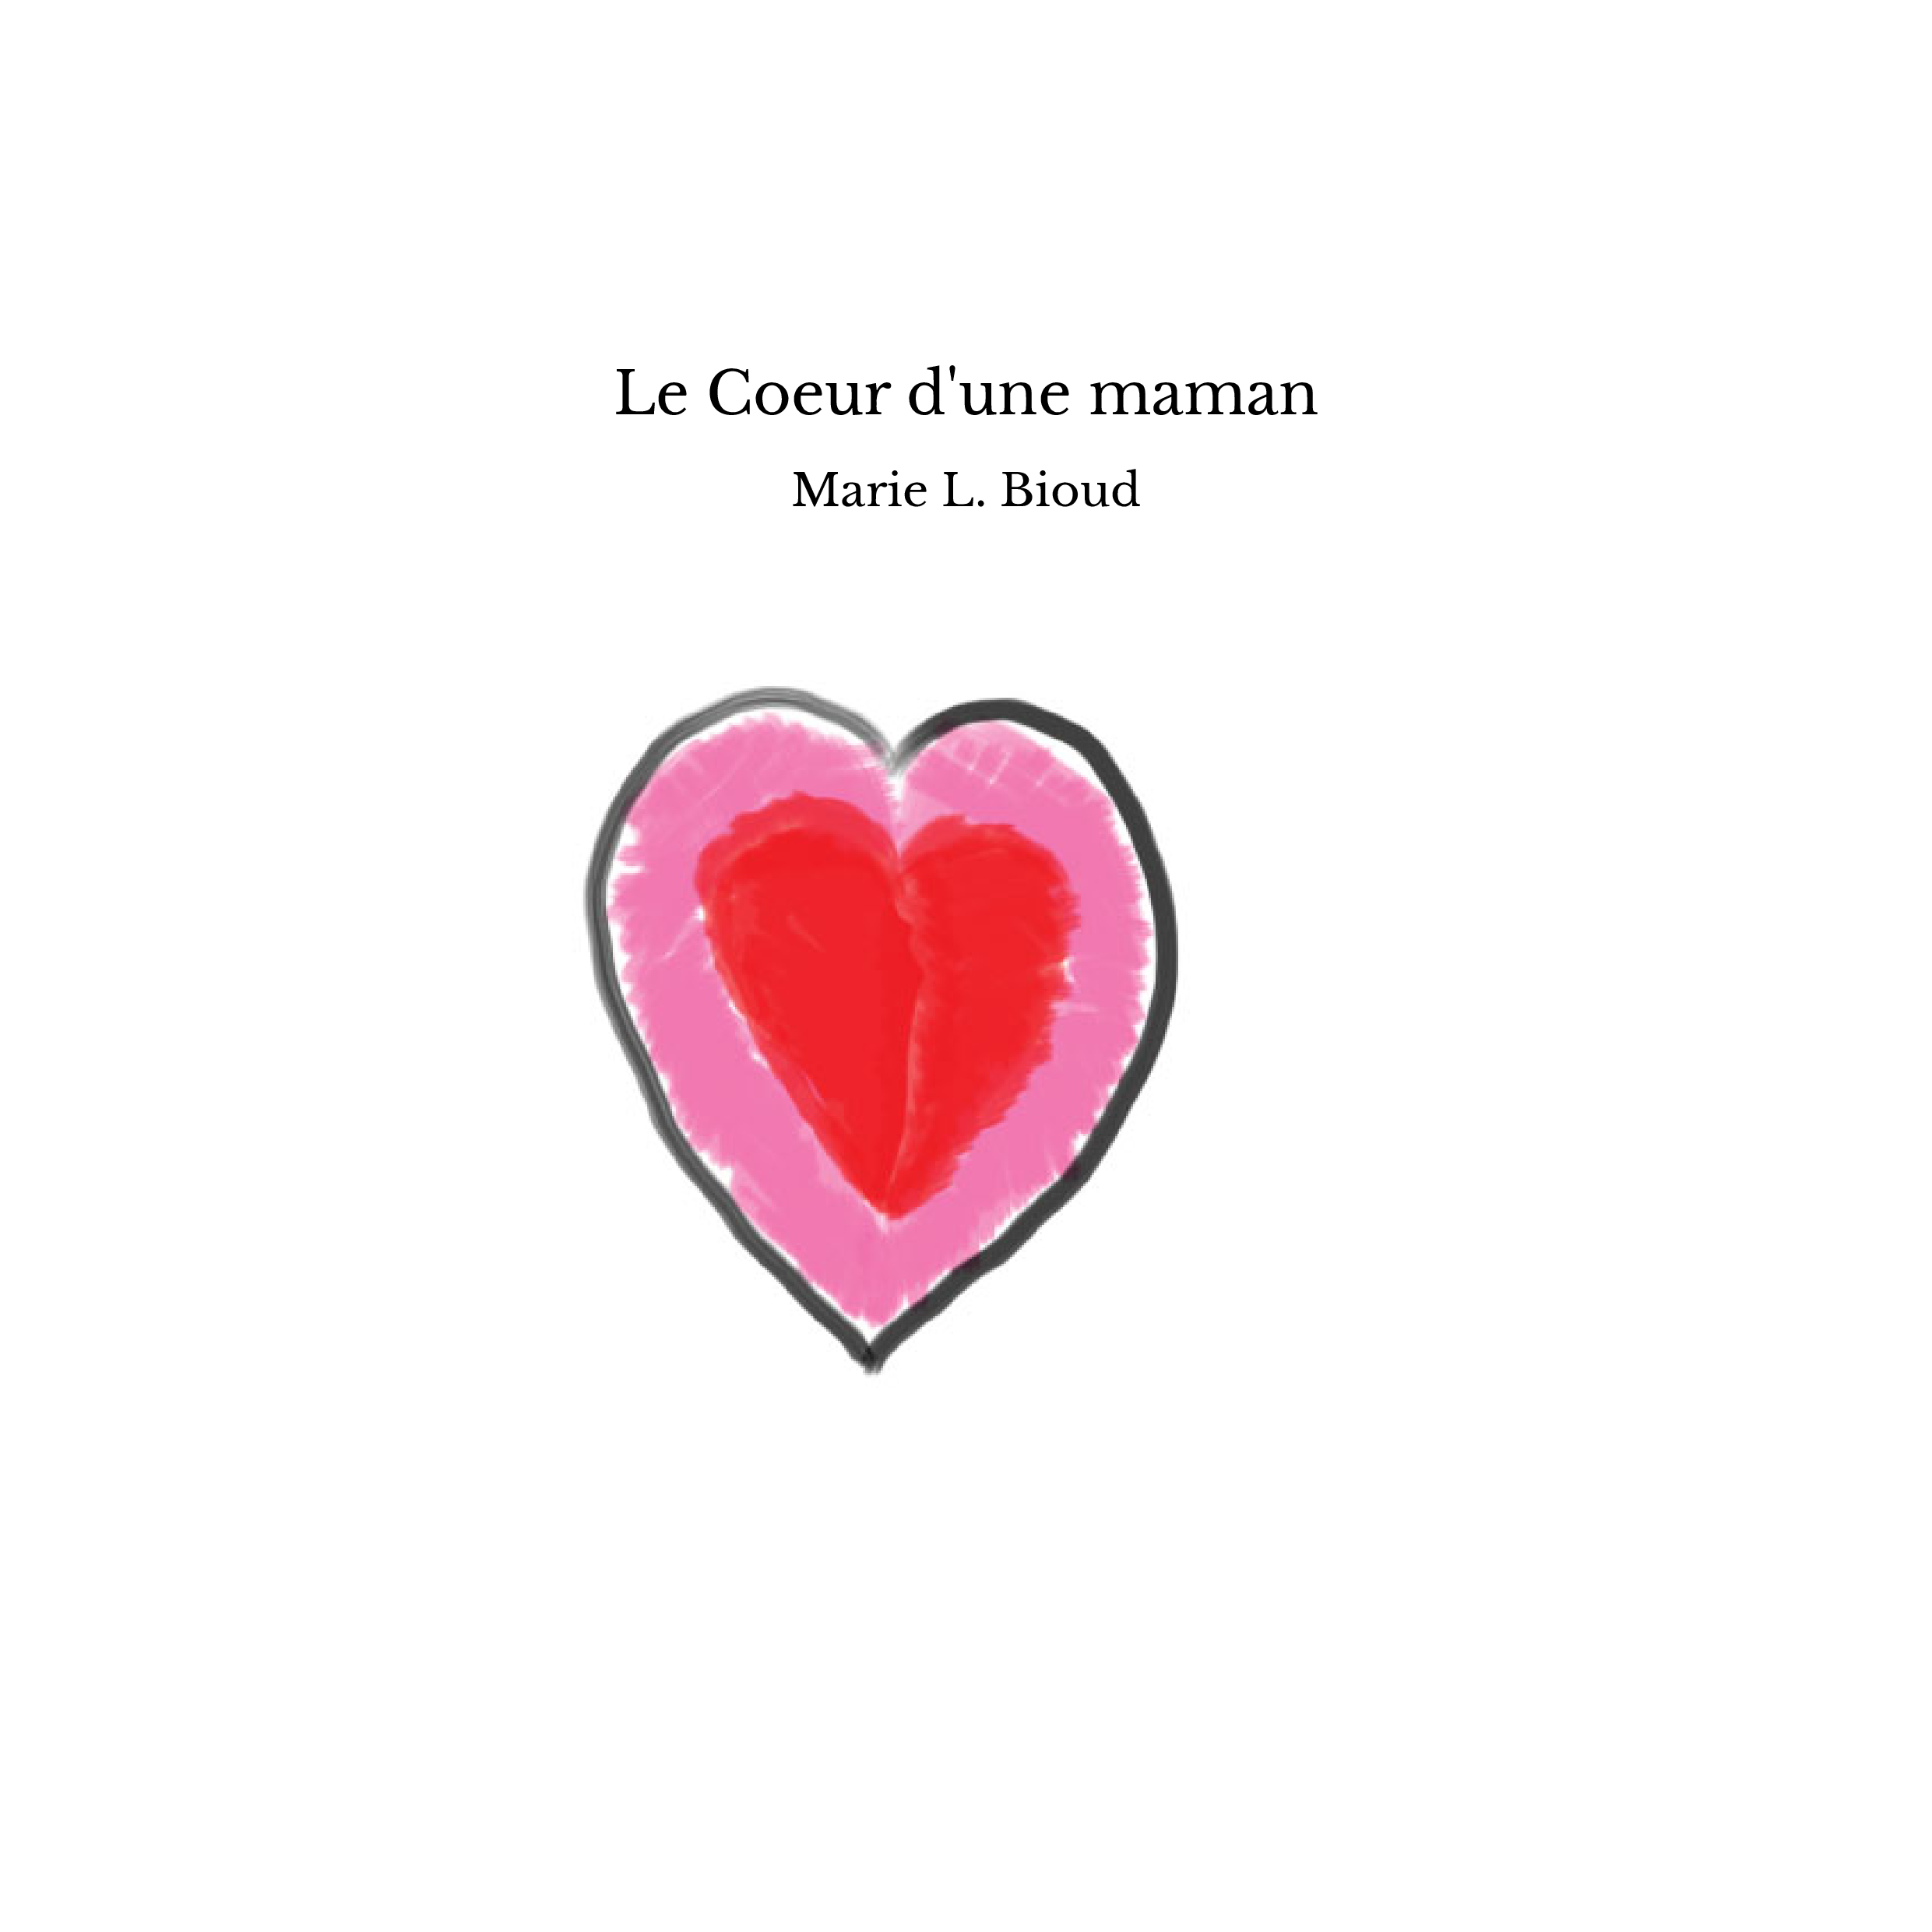 Le Coeur d'une maman